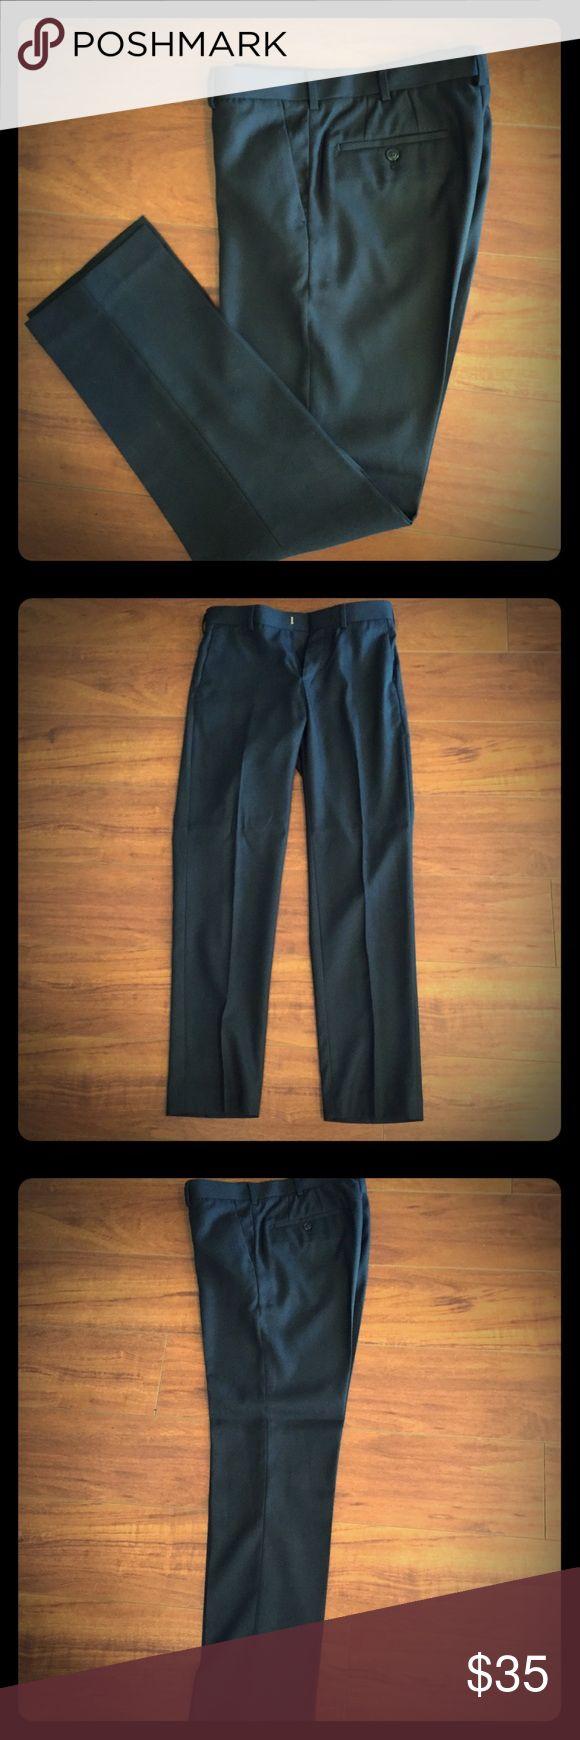 30 x 32 black dress pants